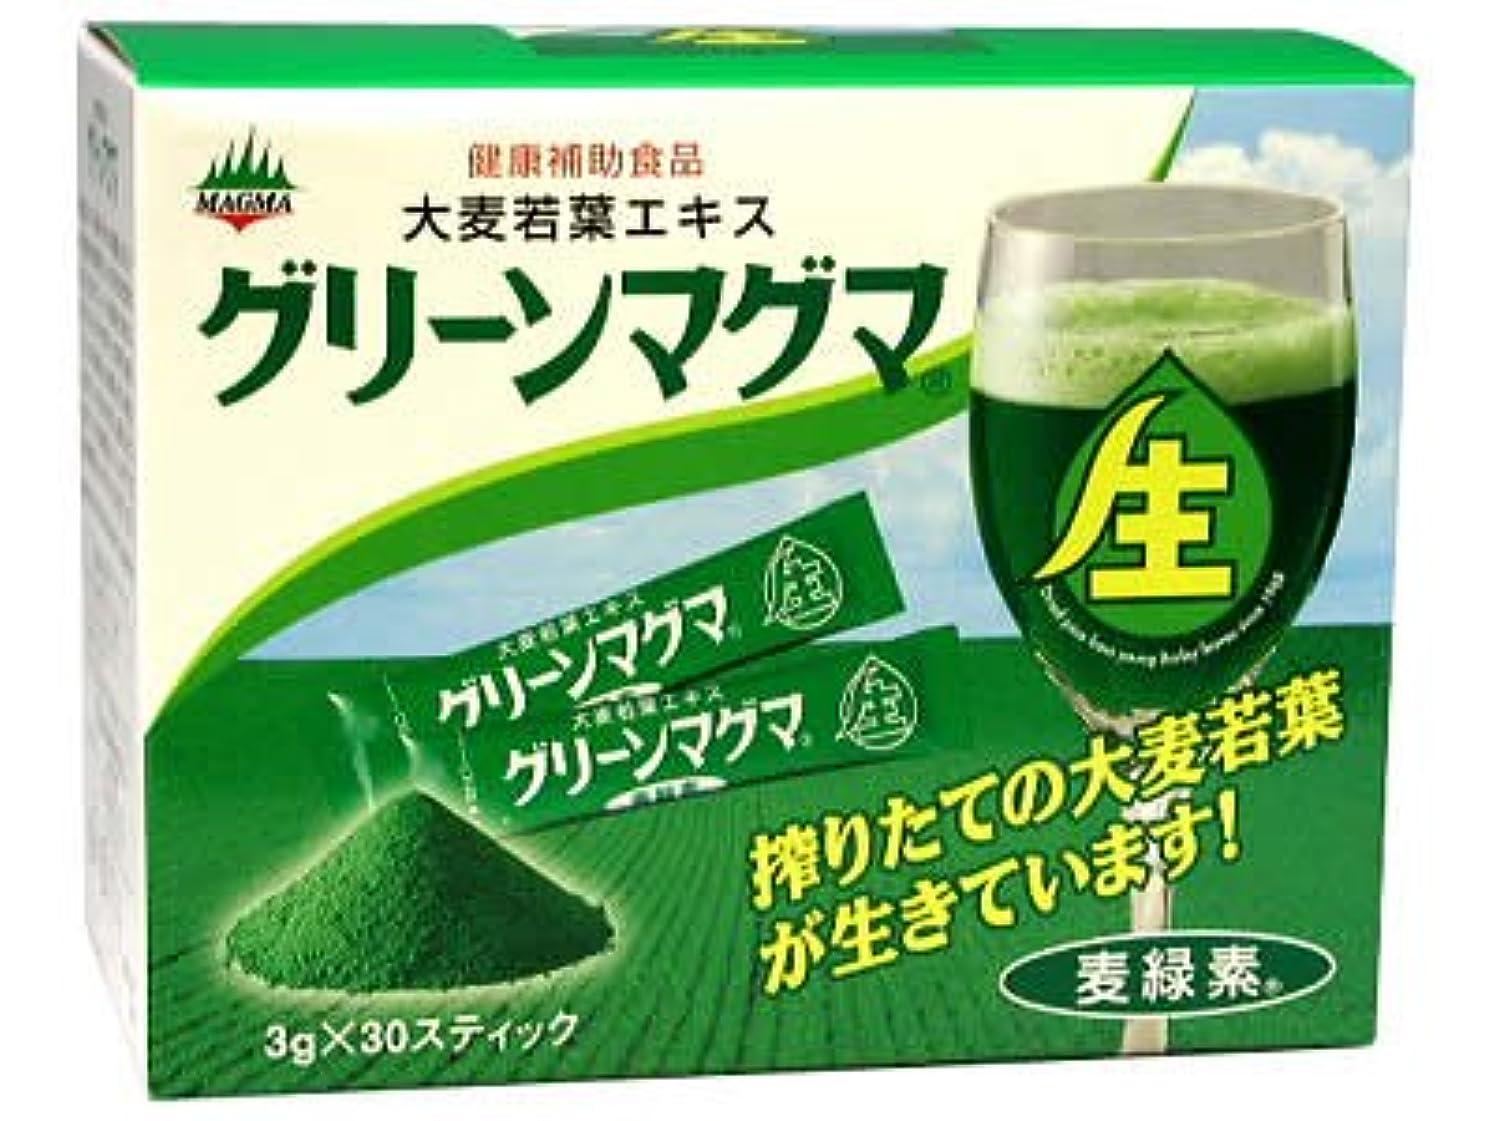 化学者ブロックシンプトン日本薬品開発 グリーンマグマST 3gx30P